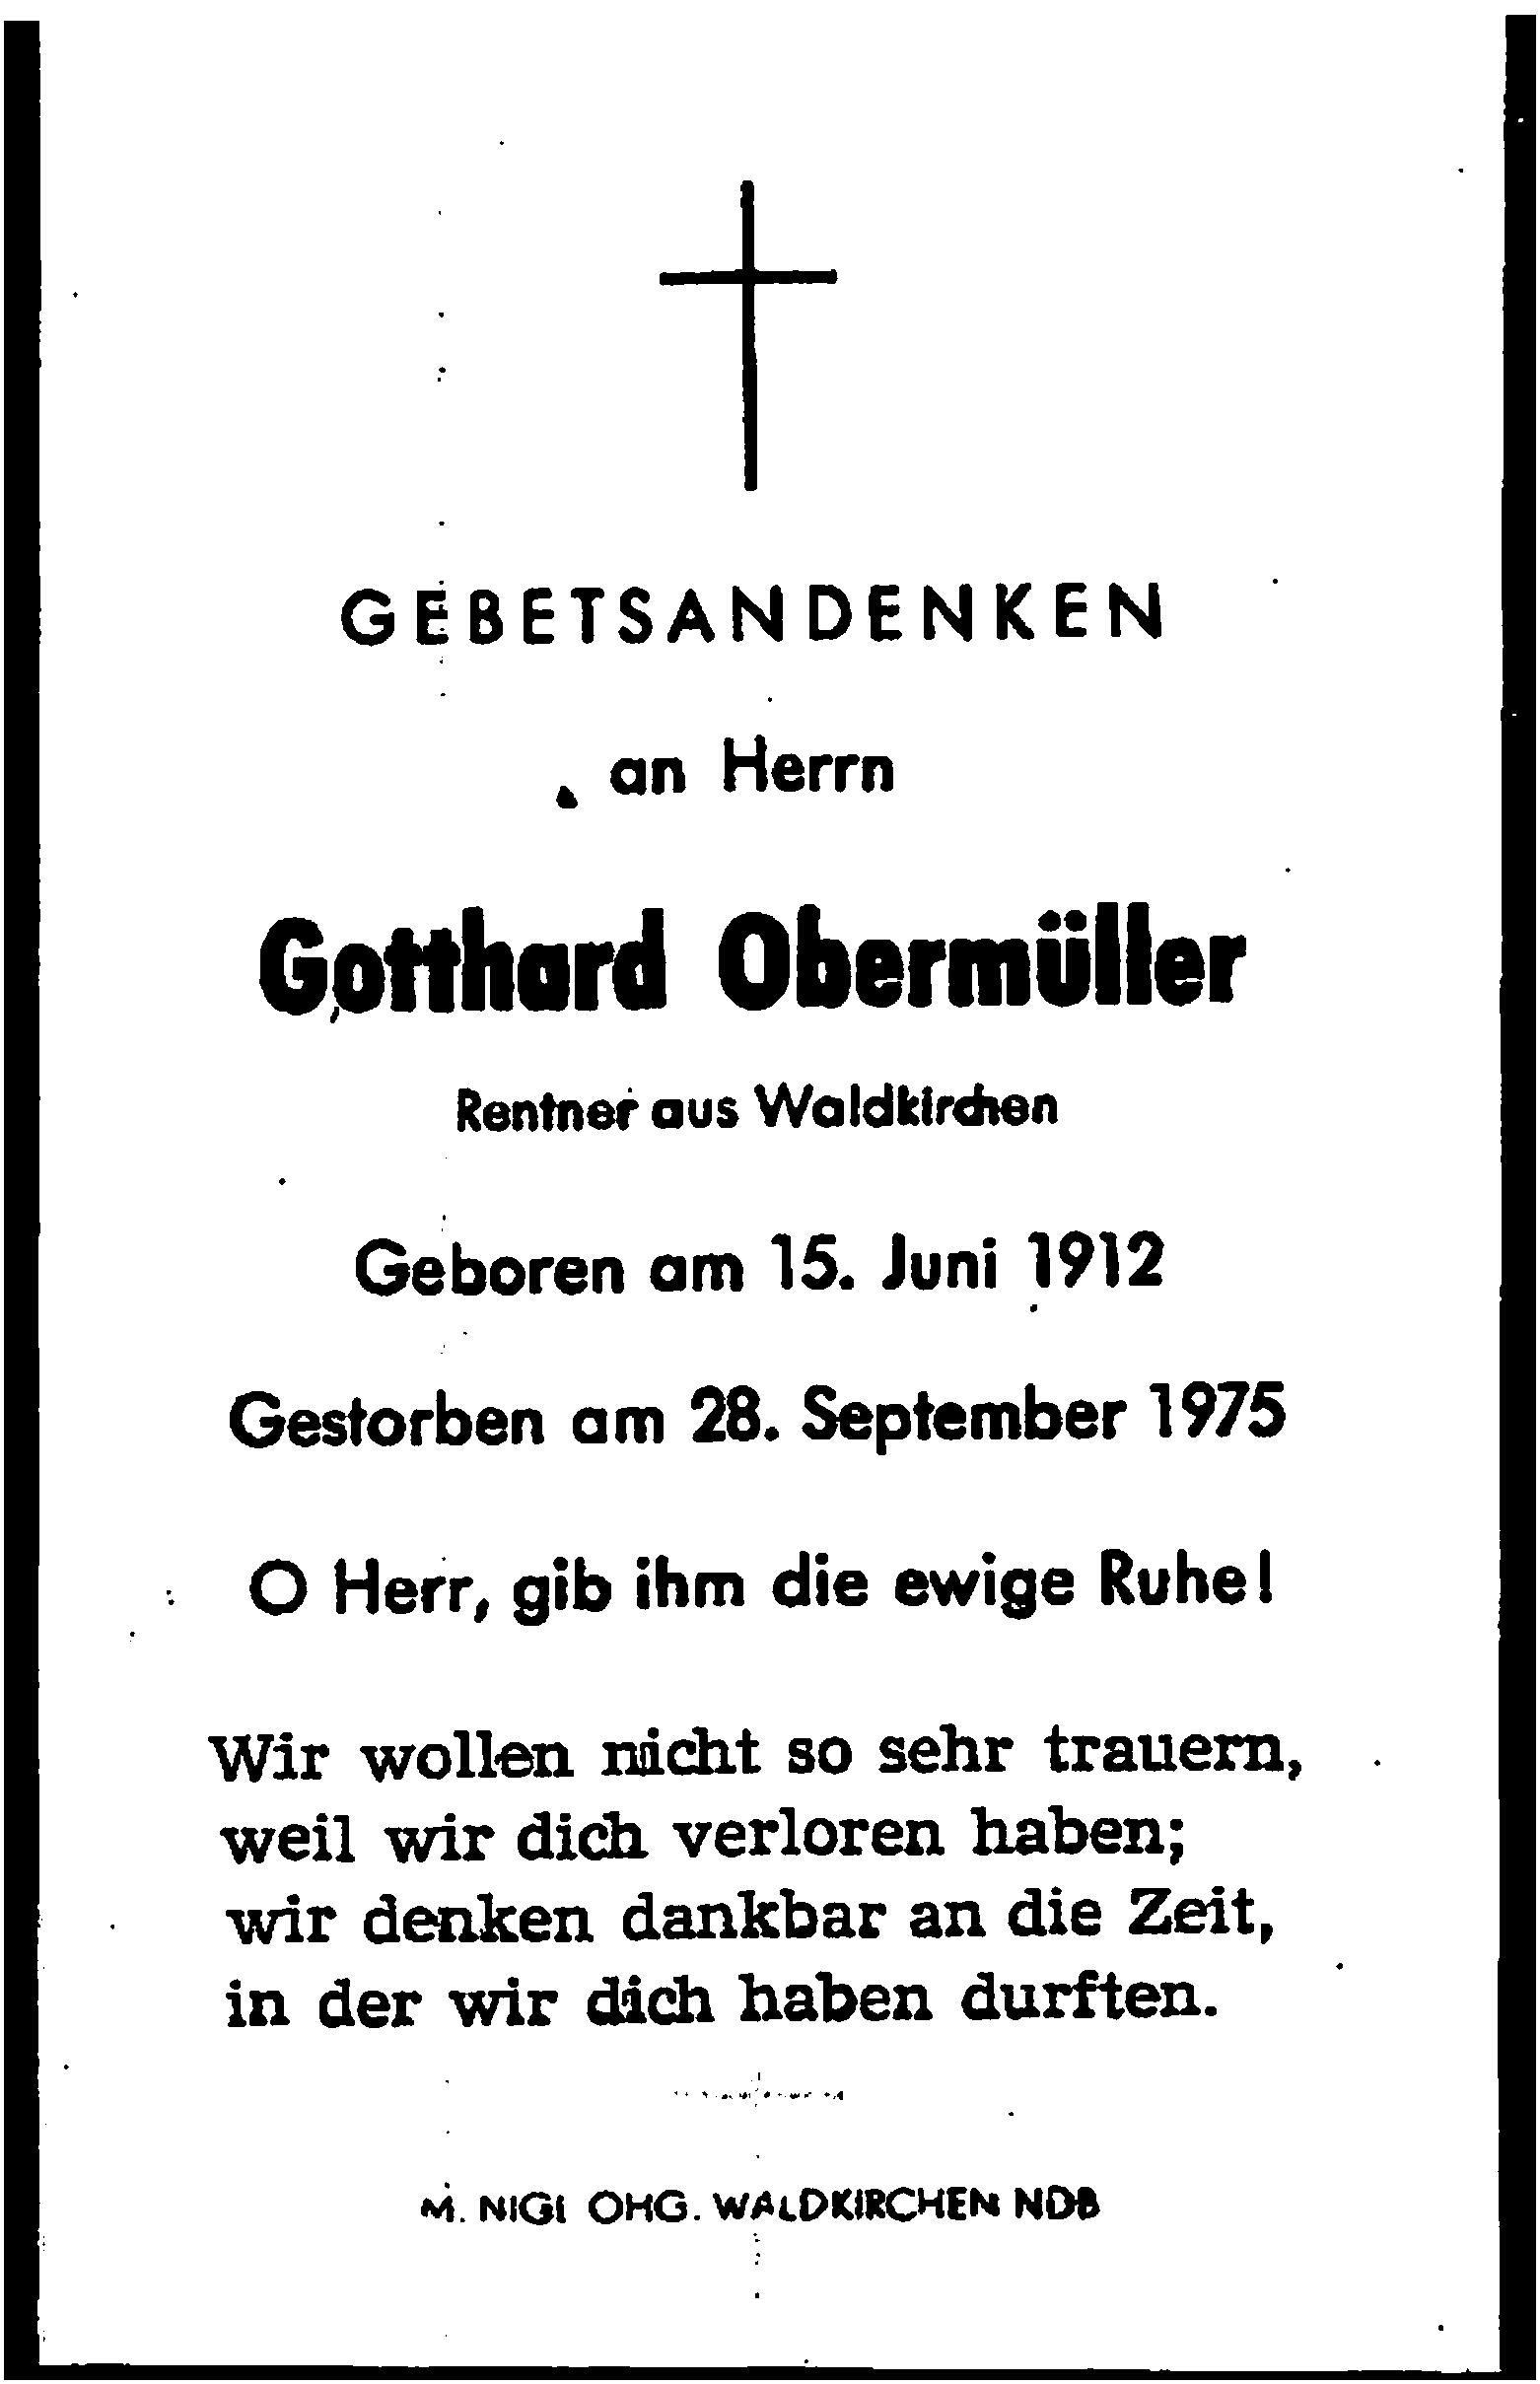 1975-09-28-Obermüller-Gotthard-Waldkirchen-Rentner